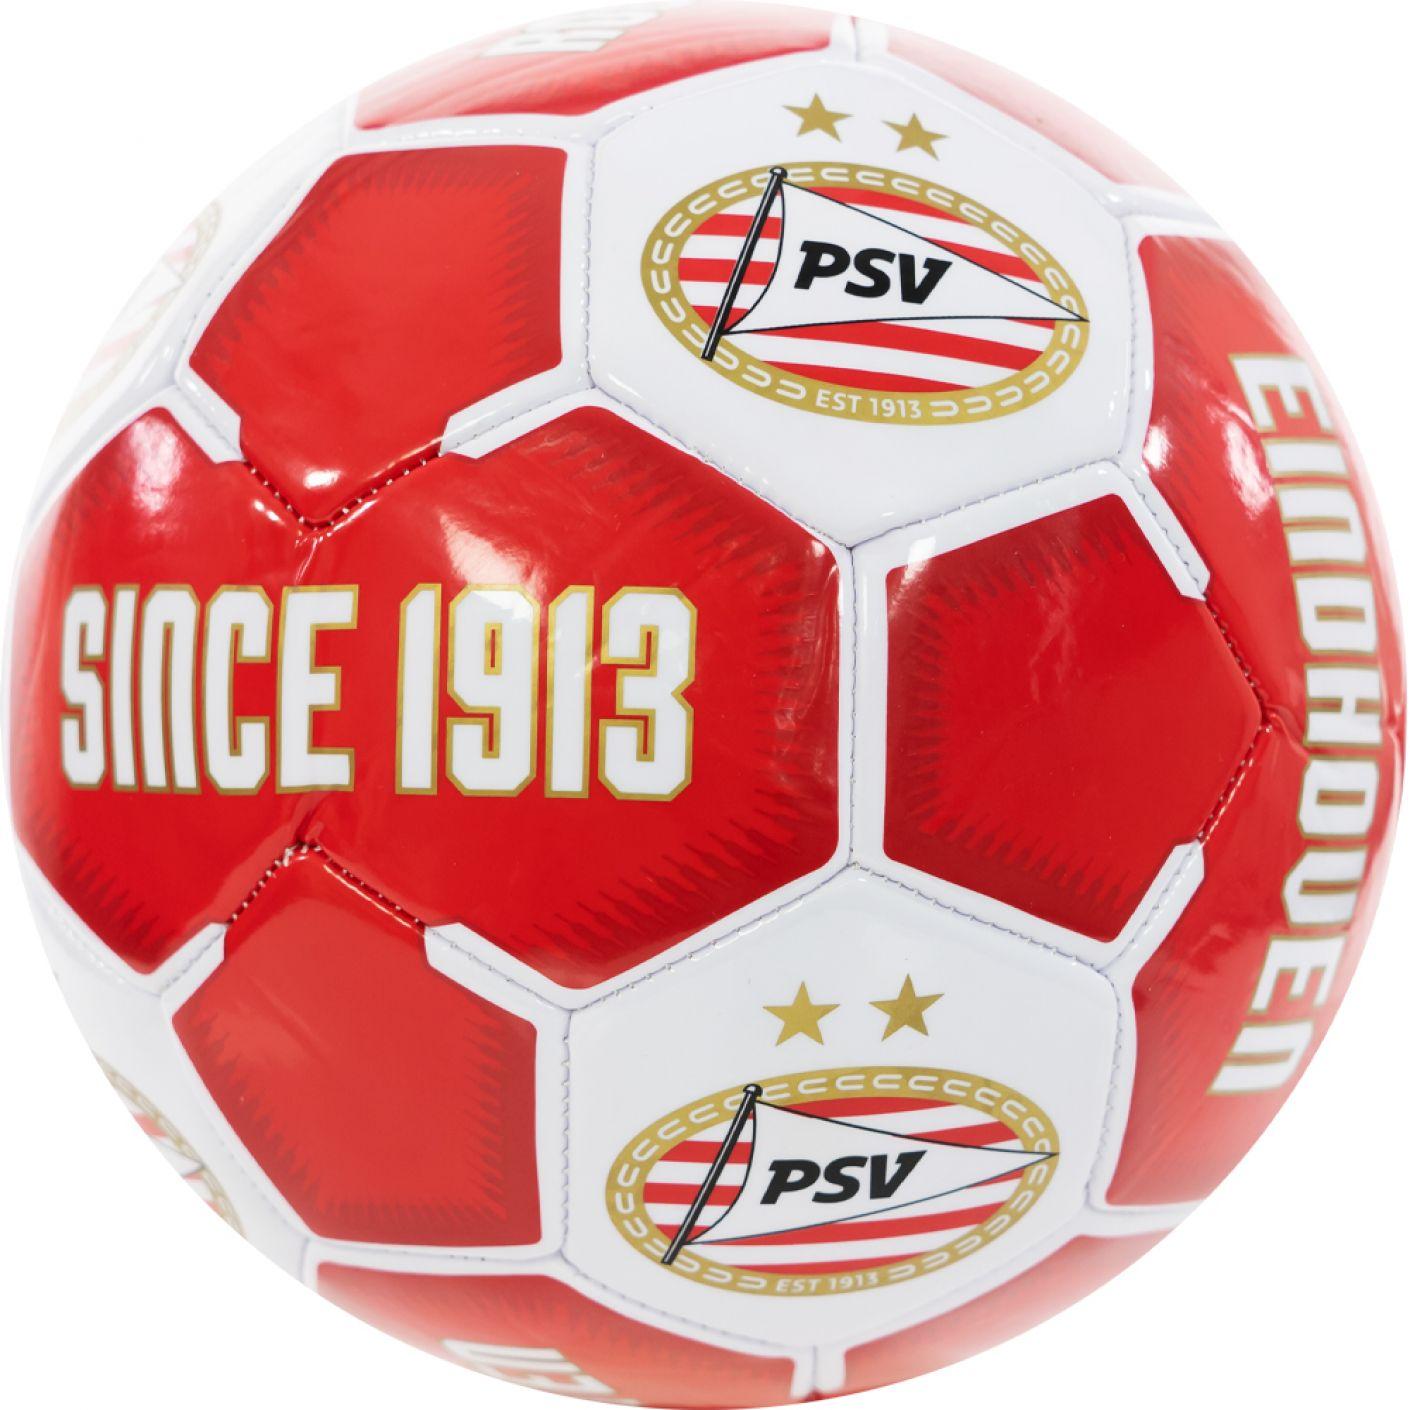 PSV Bal Rood-Witten